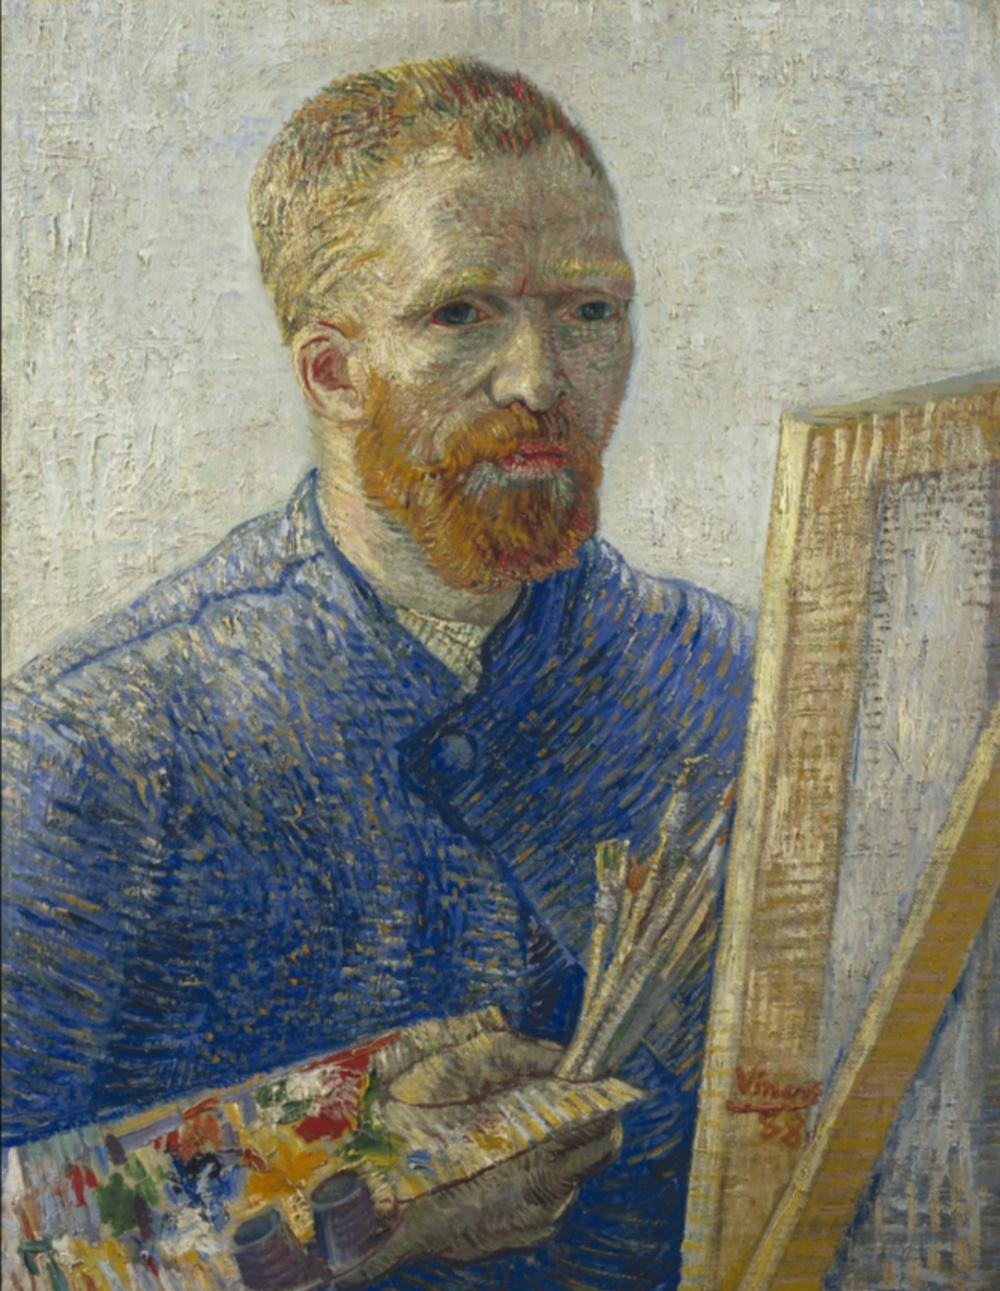 Portraits_of_Vincent_van_Gogh